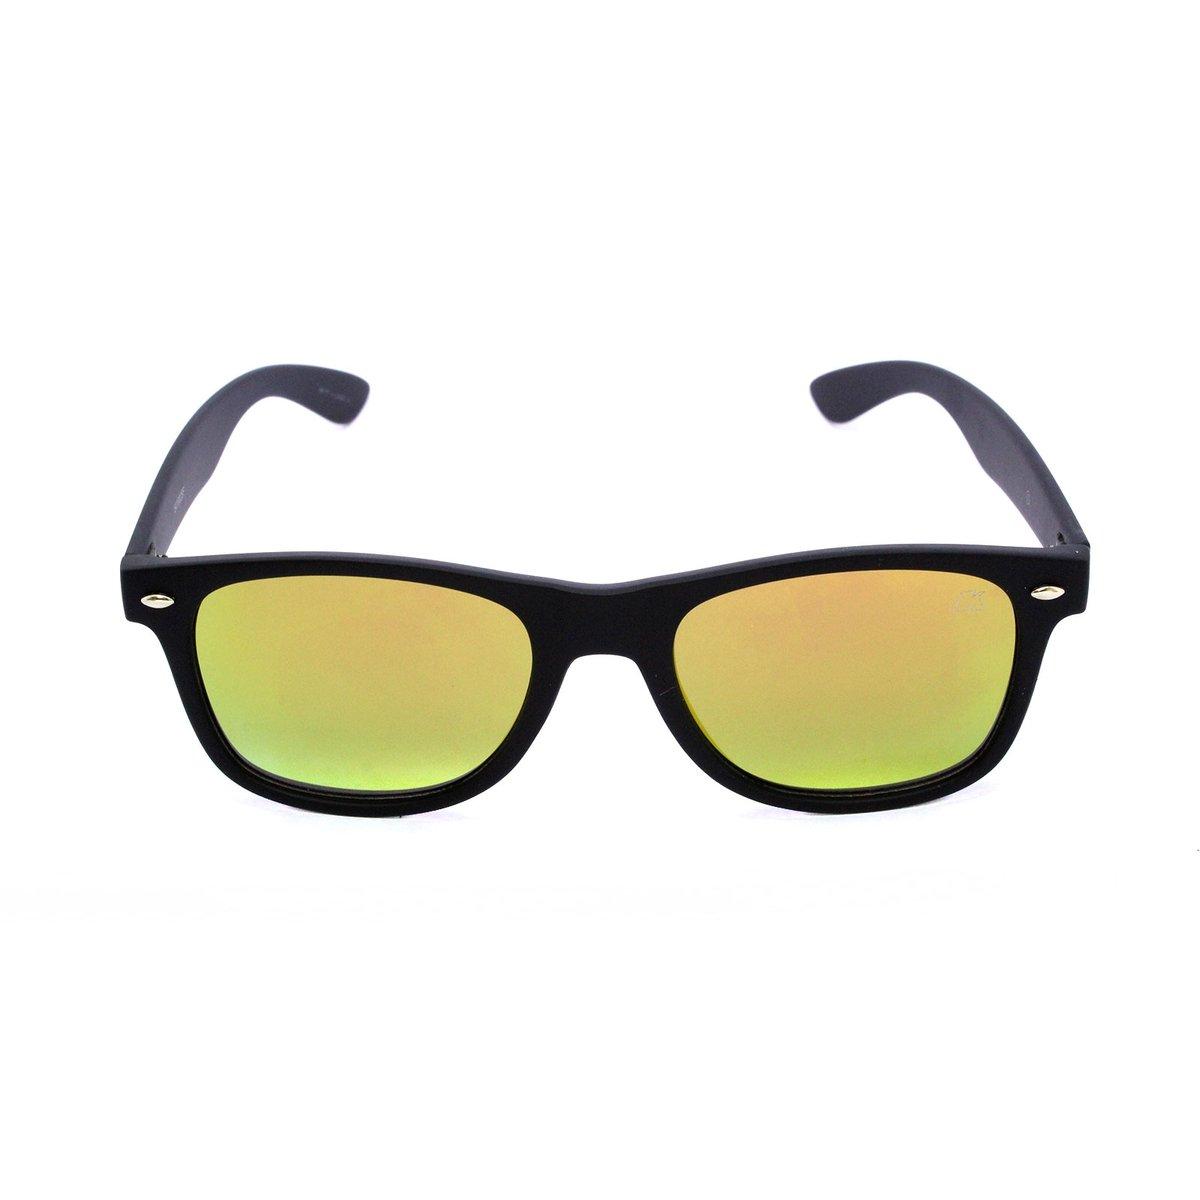 Óculos Solar KT541002TARAMR - Compre Agora   Netshoes c6e1b8e0a4